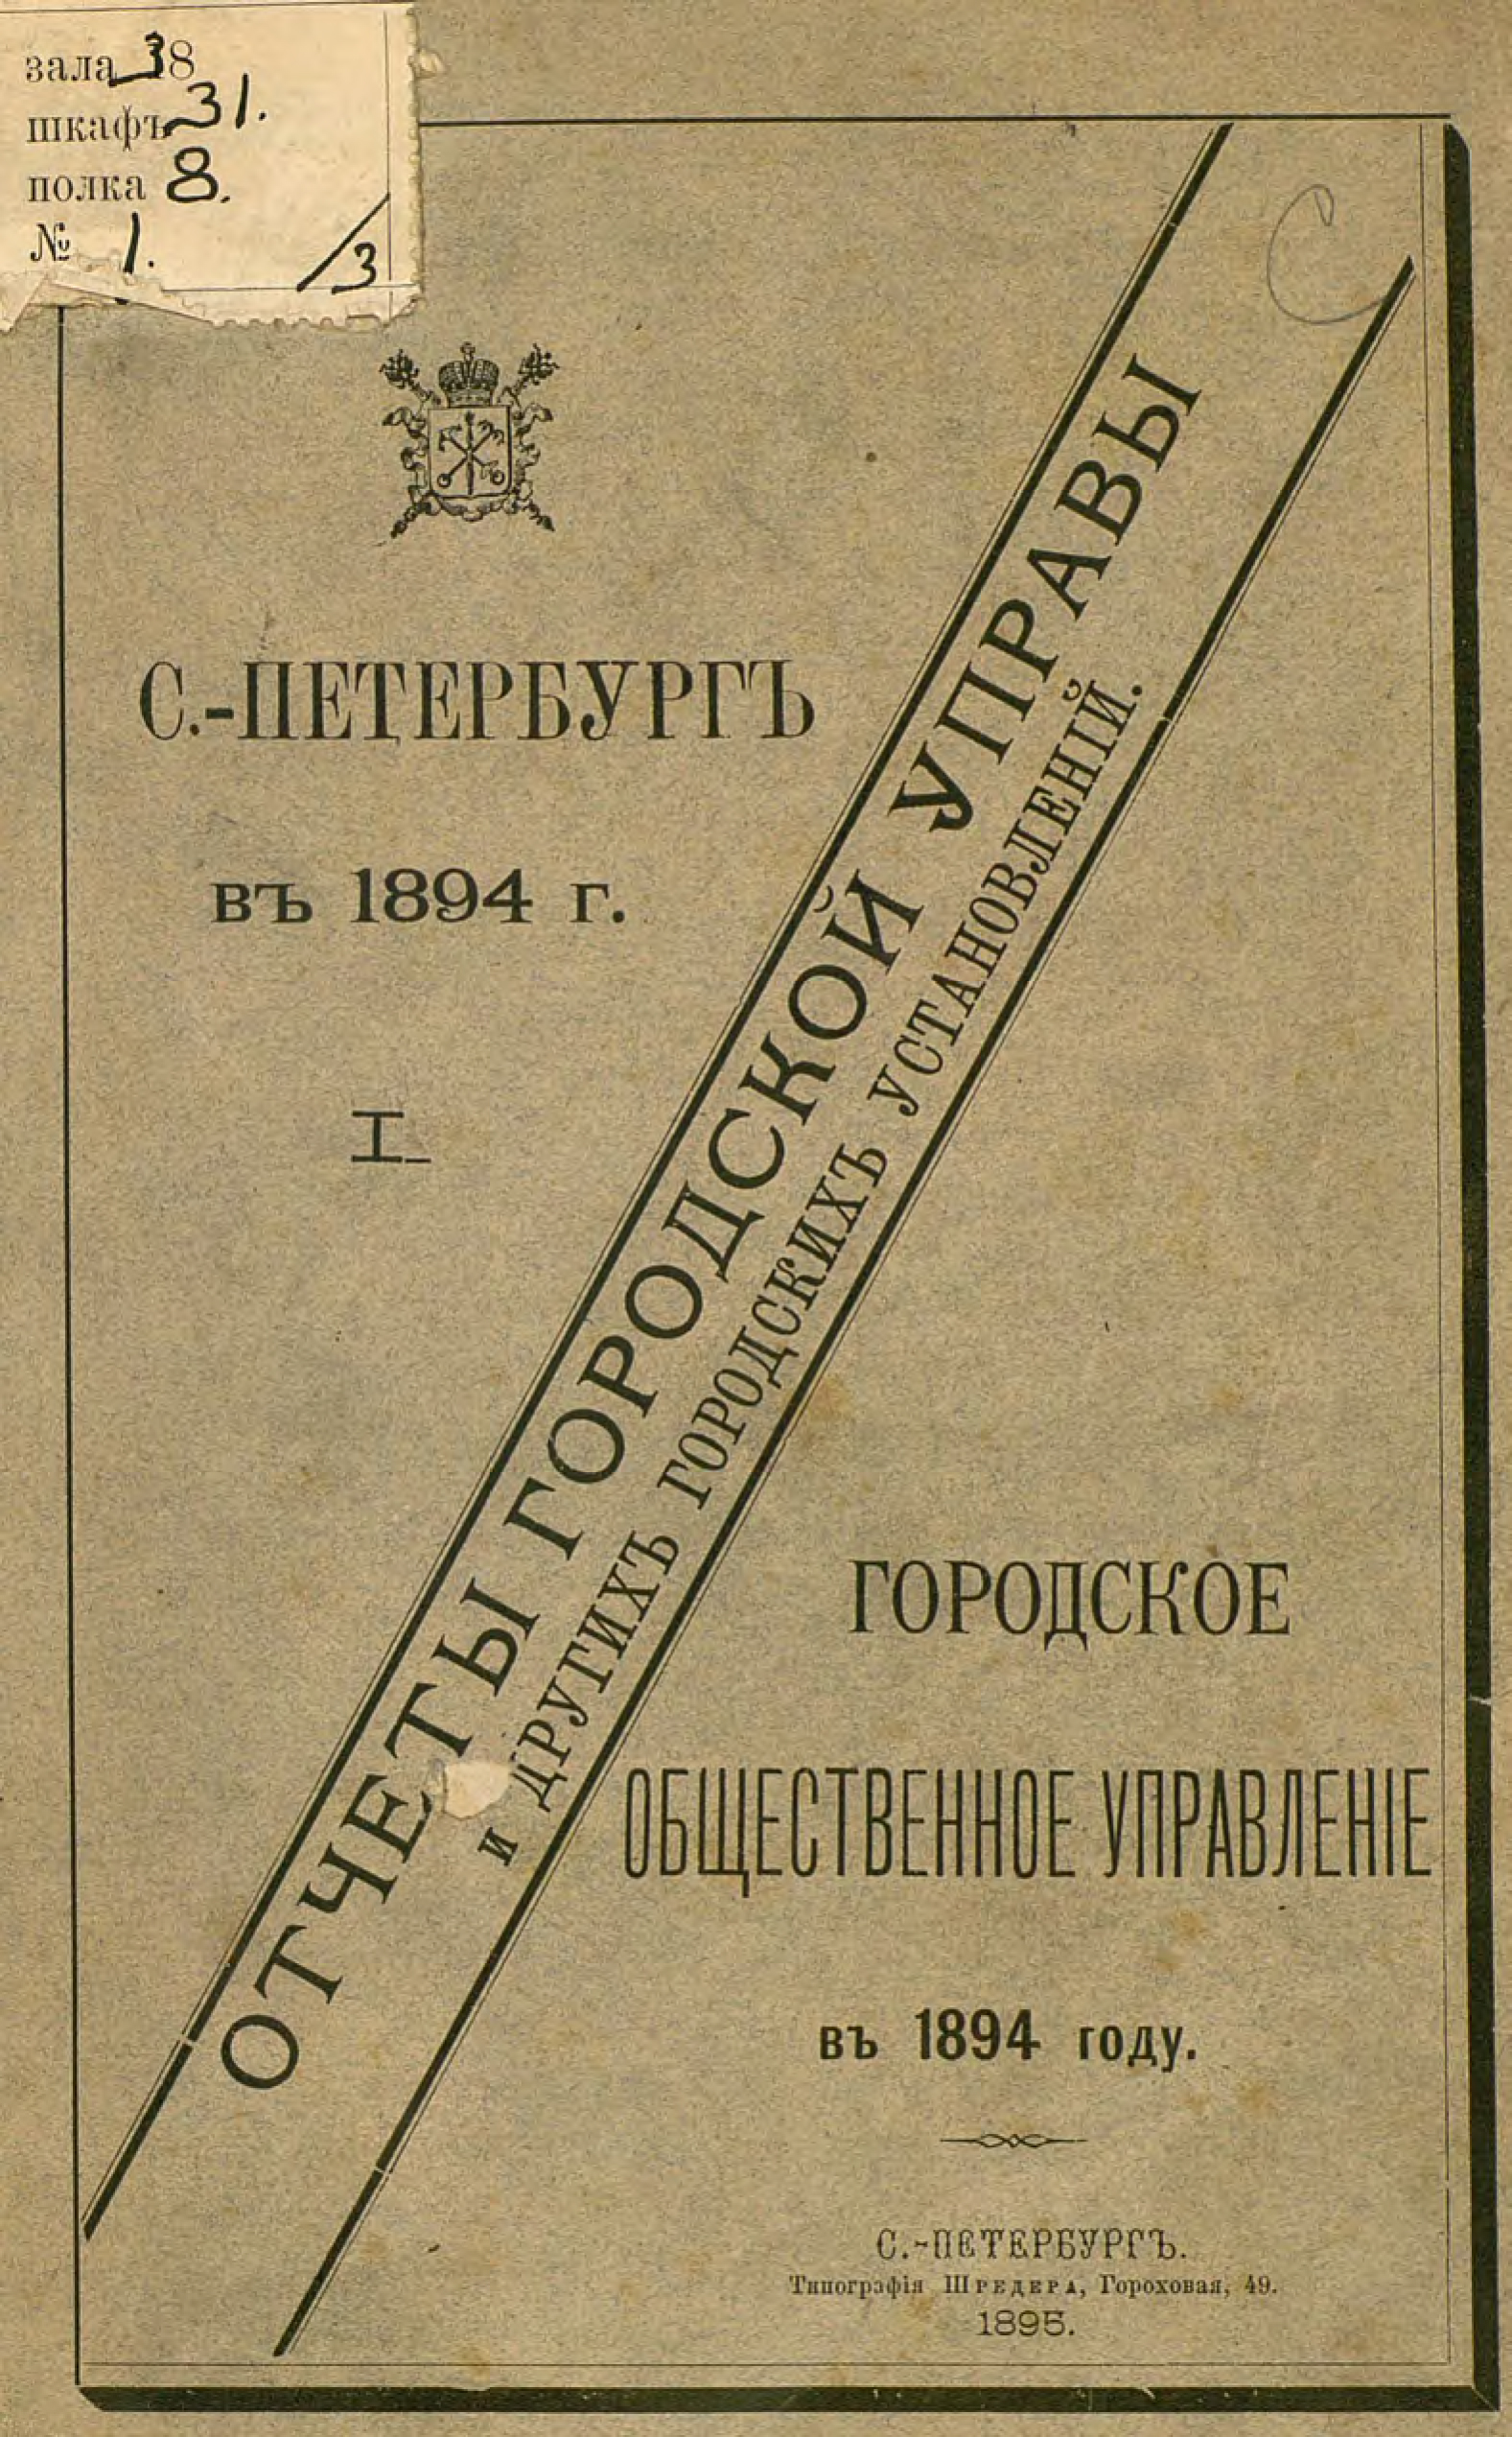 Коллектив авторов Отчет городской управы за 1894 г. Часть 1 коллектив авторов отчет городской управы за 1913 г часть 8